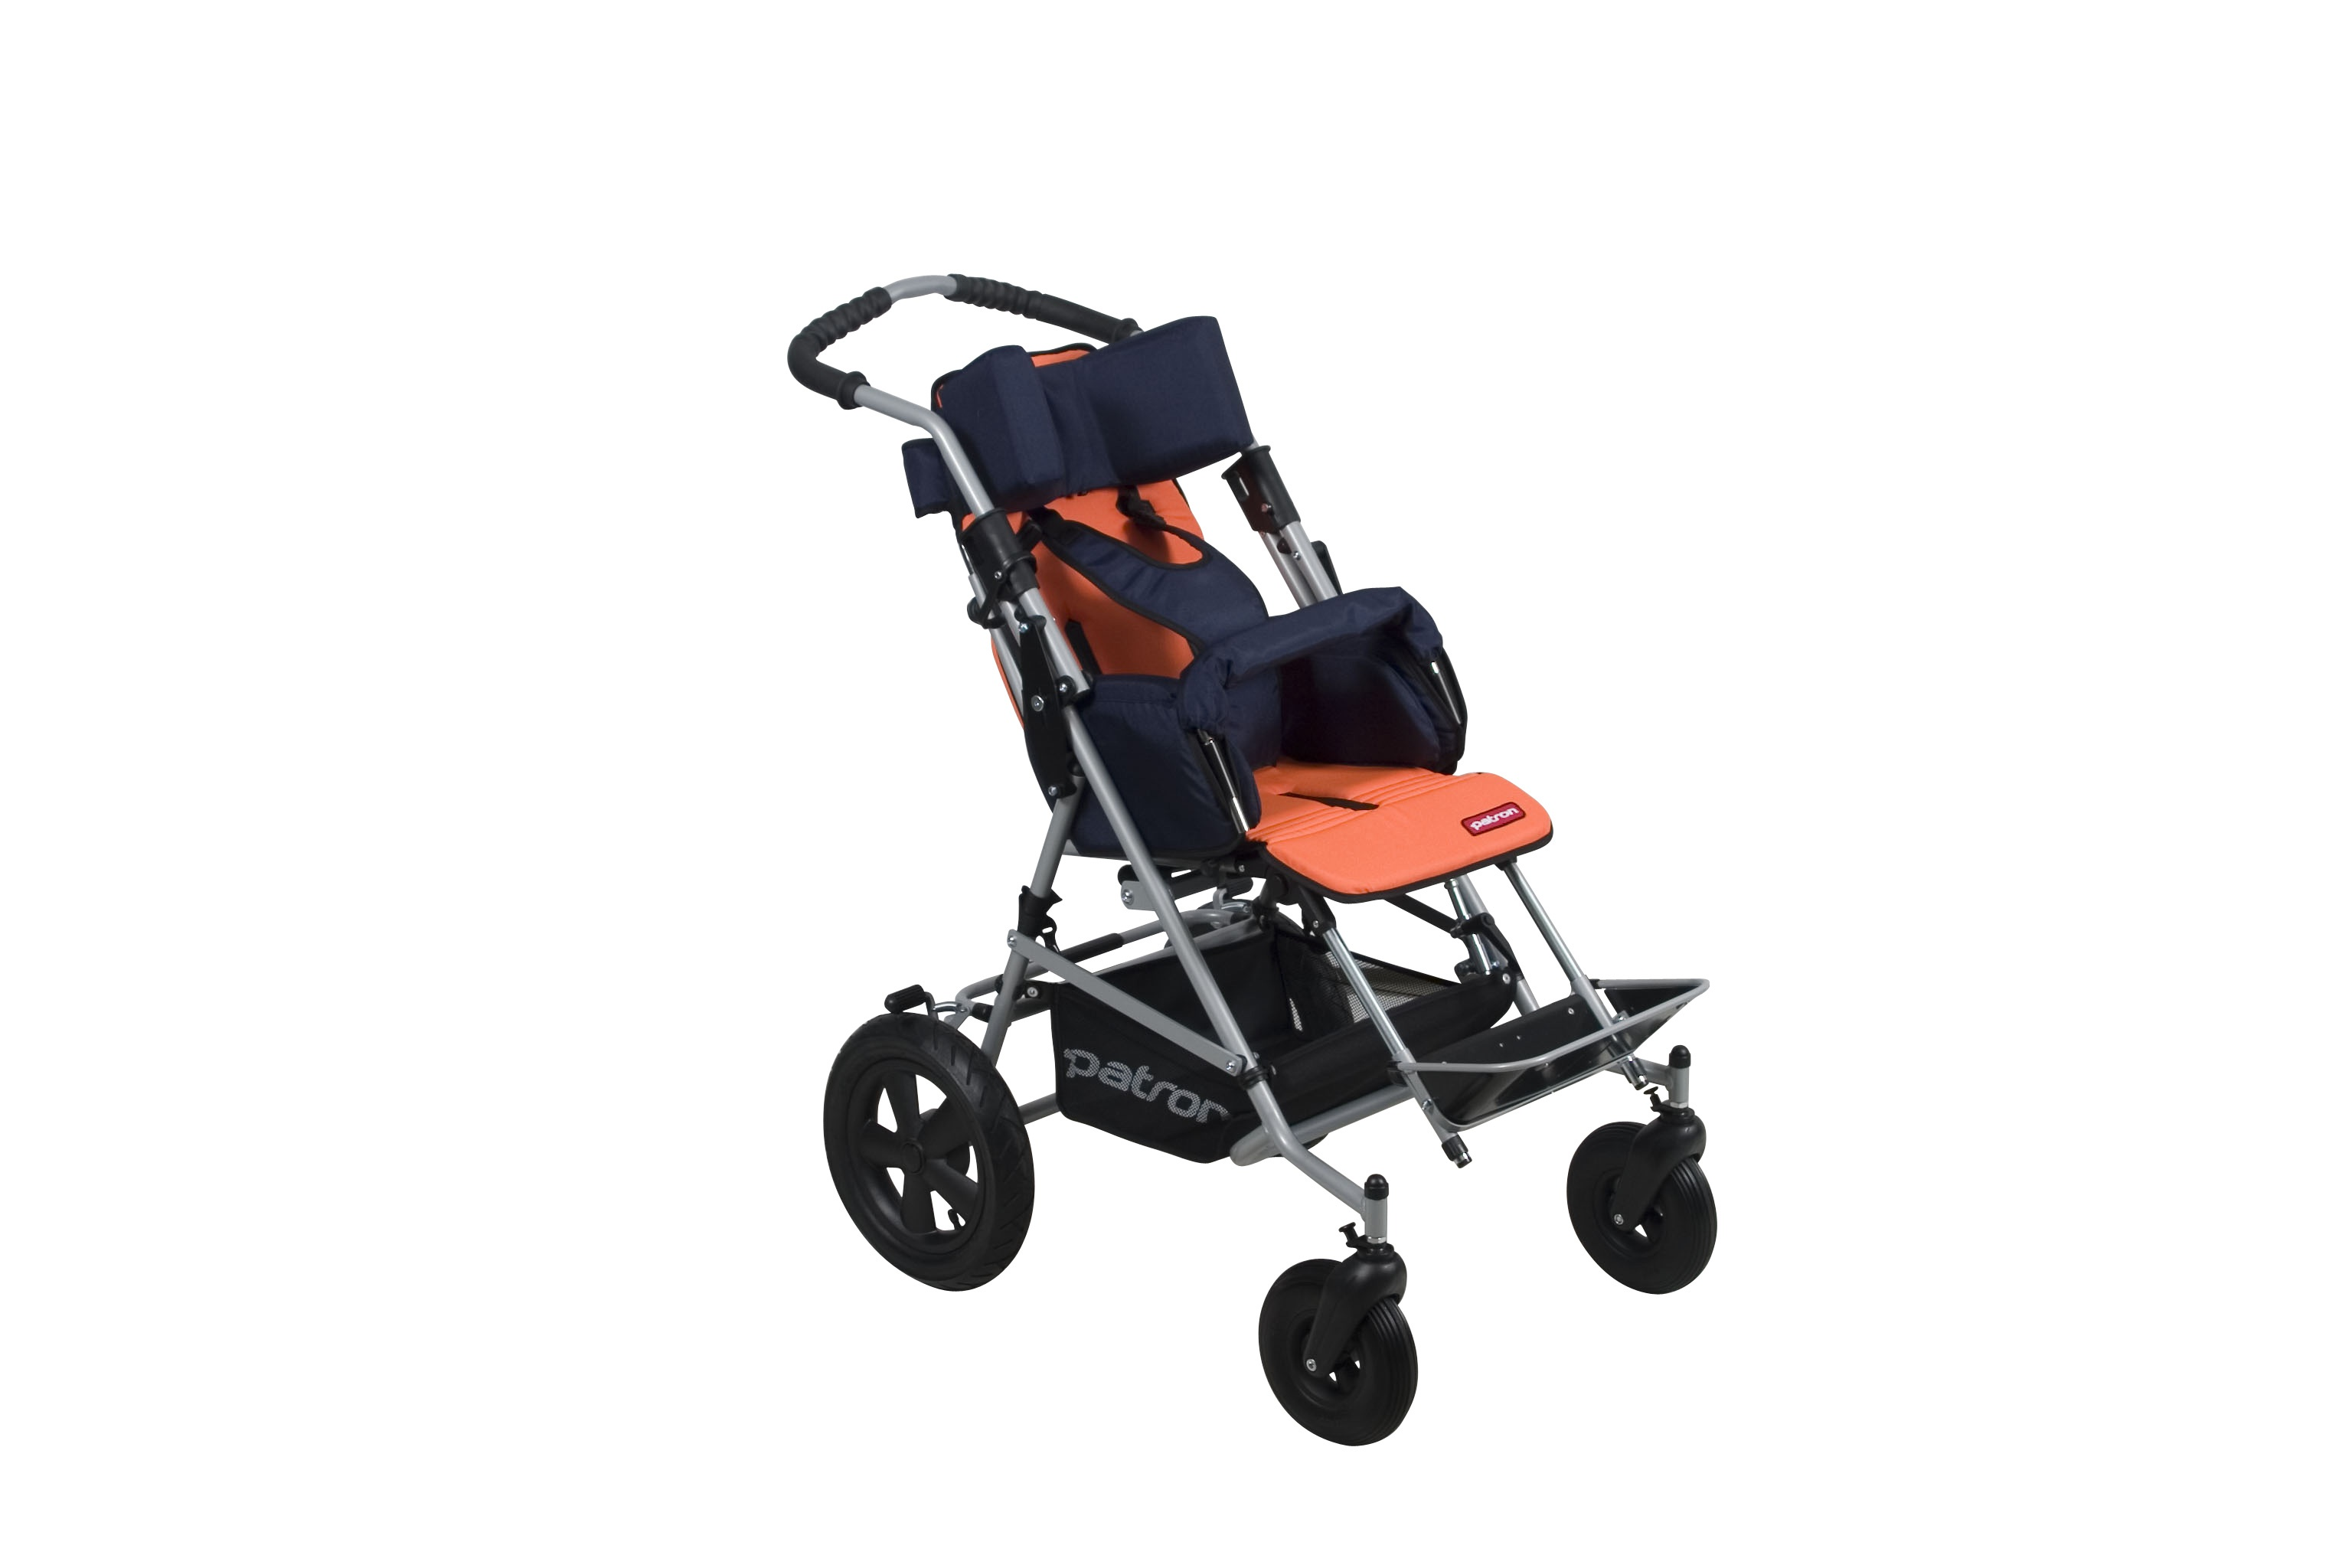 Patron Tom 4 Classic Wózek inwalidzki specjalny, dziecięcy, spacerowy, spersonizowany, doposażony